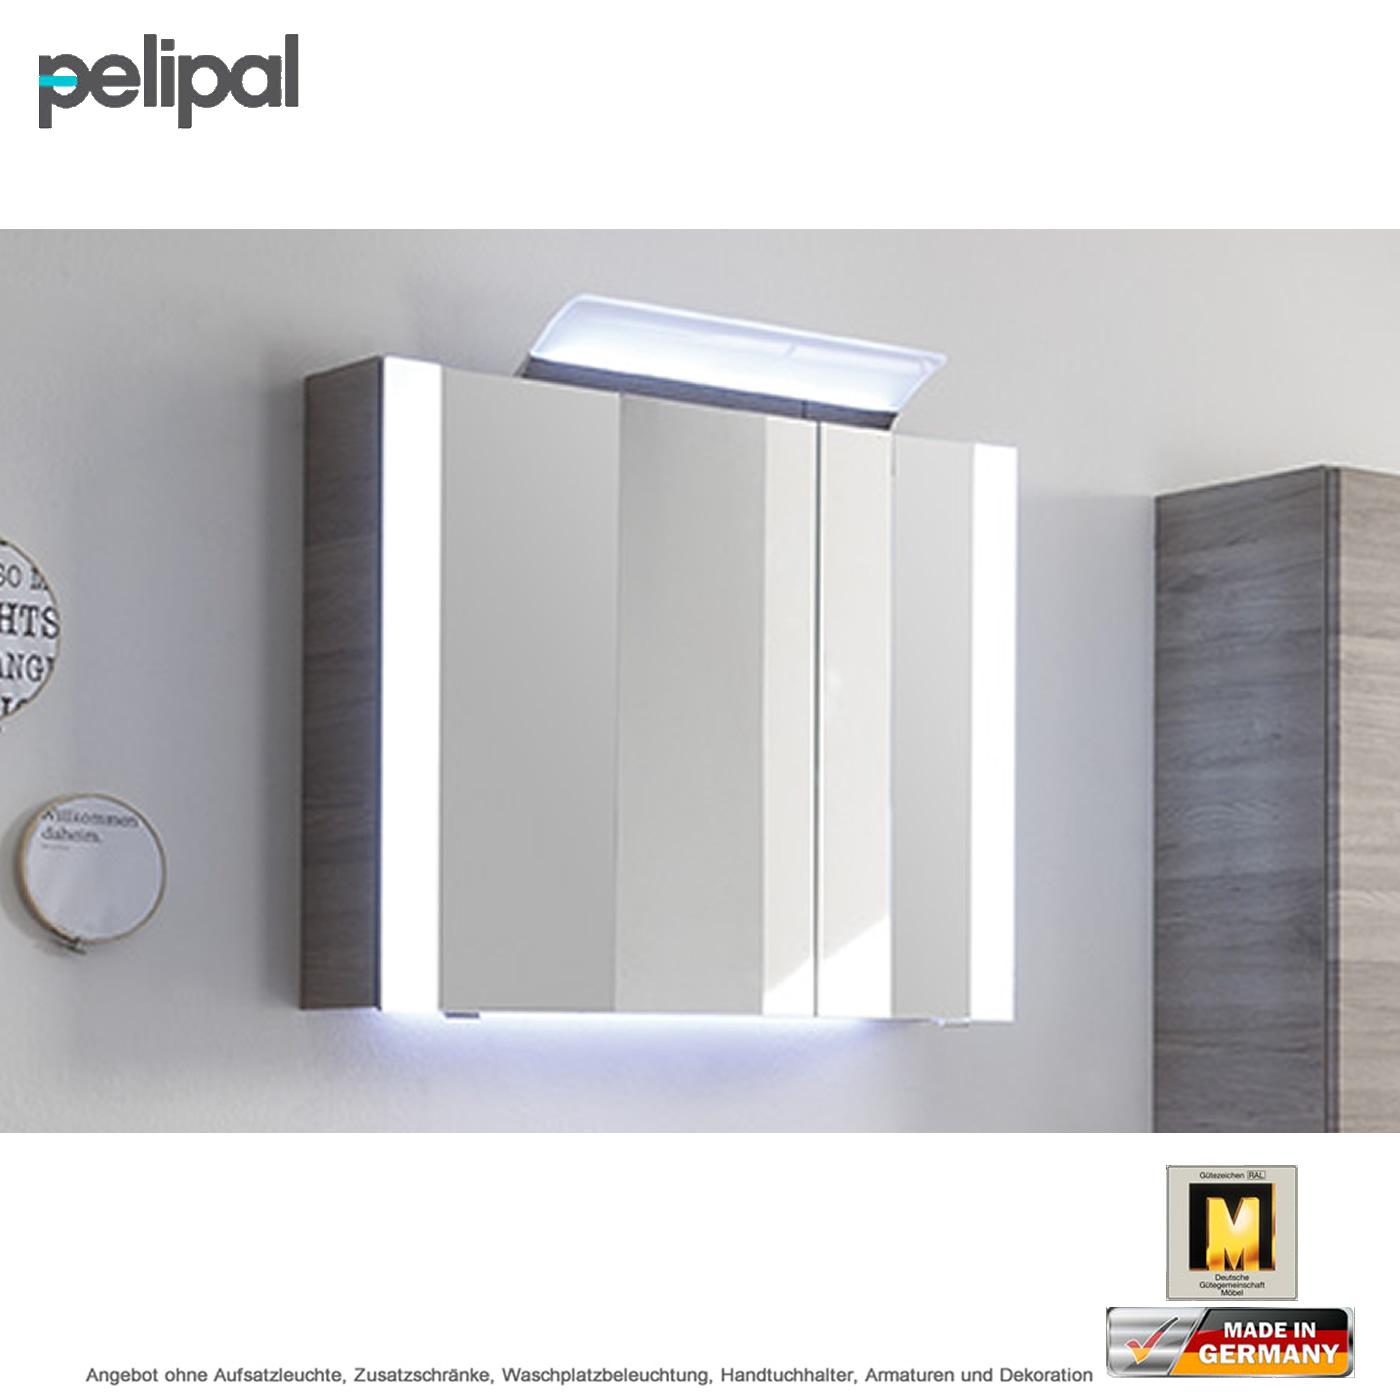 Pelipal Solitaire 7020 Spiegelschrank 85 cm mit seitlichen ...